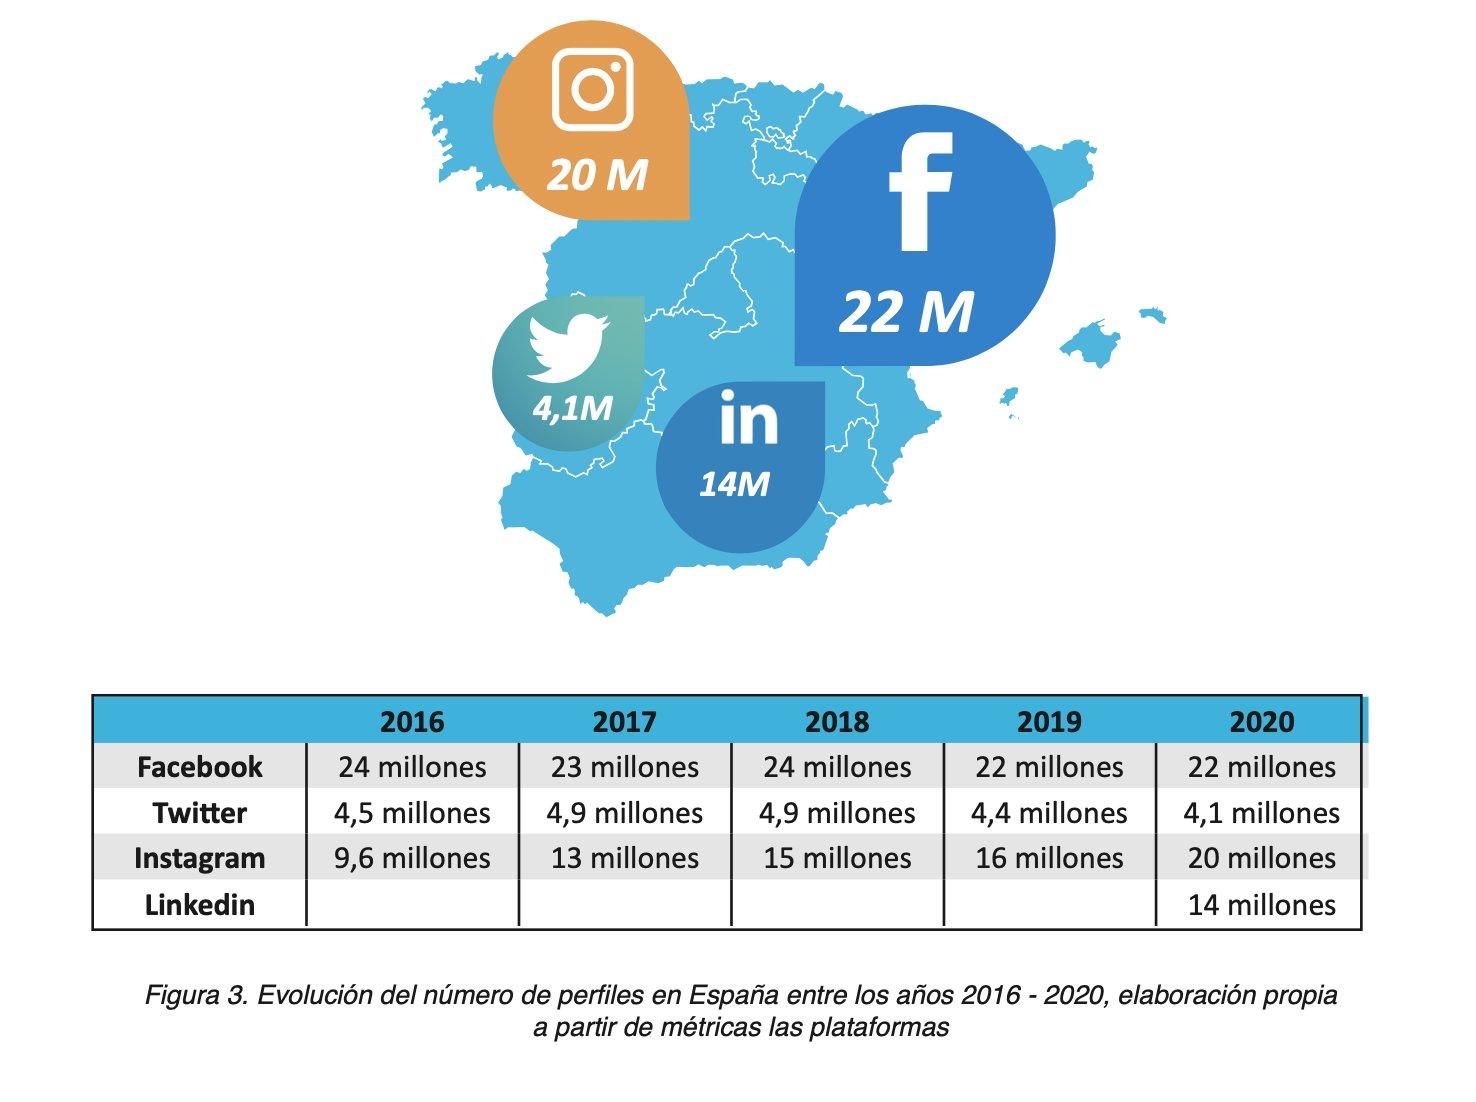 🇪🇸 Usuarios de cada red social en España y su evolución en los últimos 5 años.  Año 2020:  ✔️ Facebook: 22 millones ✔️ Instagram: 20 millones ✔️ Linkedin: 14 millones ✔️ Twitter: 4,1 millones https://t.co/3ky9snwoyP